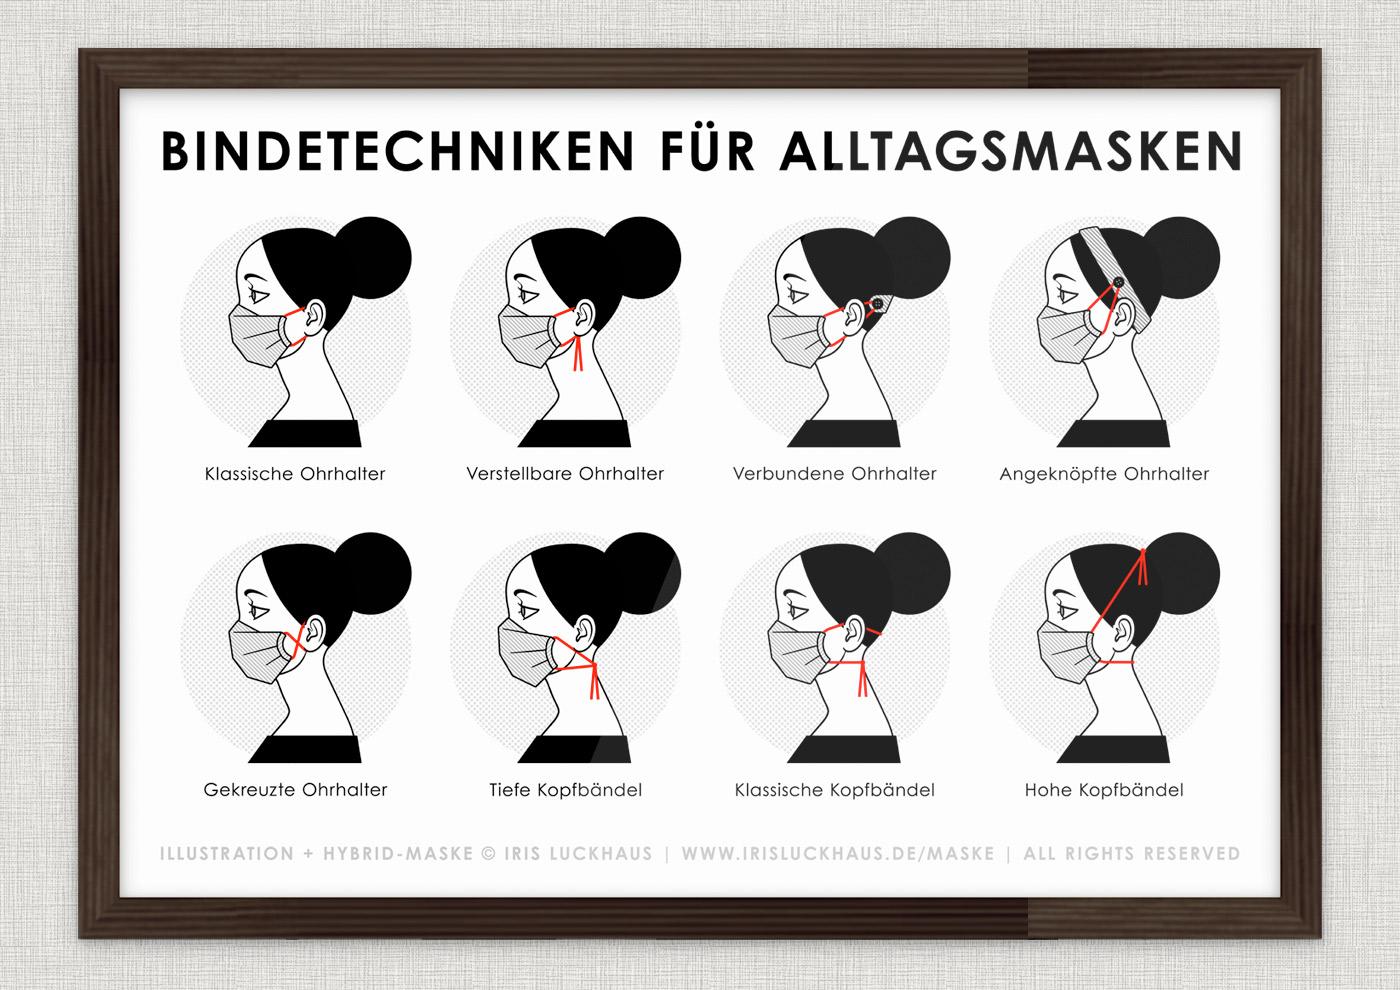 Infografik zu Maskenbindetechniken, die am Beispiel der Hybrid-Maske verschiedene Arten oder Wege zeigt, wie man die Behelfsmaske, Alltagsmaske, Mundmaske, Stoffmaske, Mund-Nasen-Maske oder Mund-Nasen-Bedeckung mit Ohrhalter, Ohrgummi, Ohrband oder Kopfbändel an den Ohren oder um den Kopf befestigt, von Iris Luckhaus